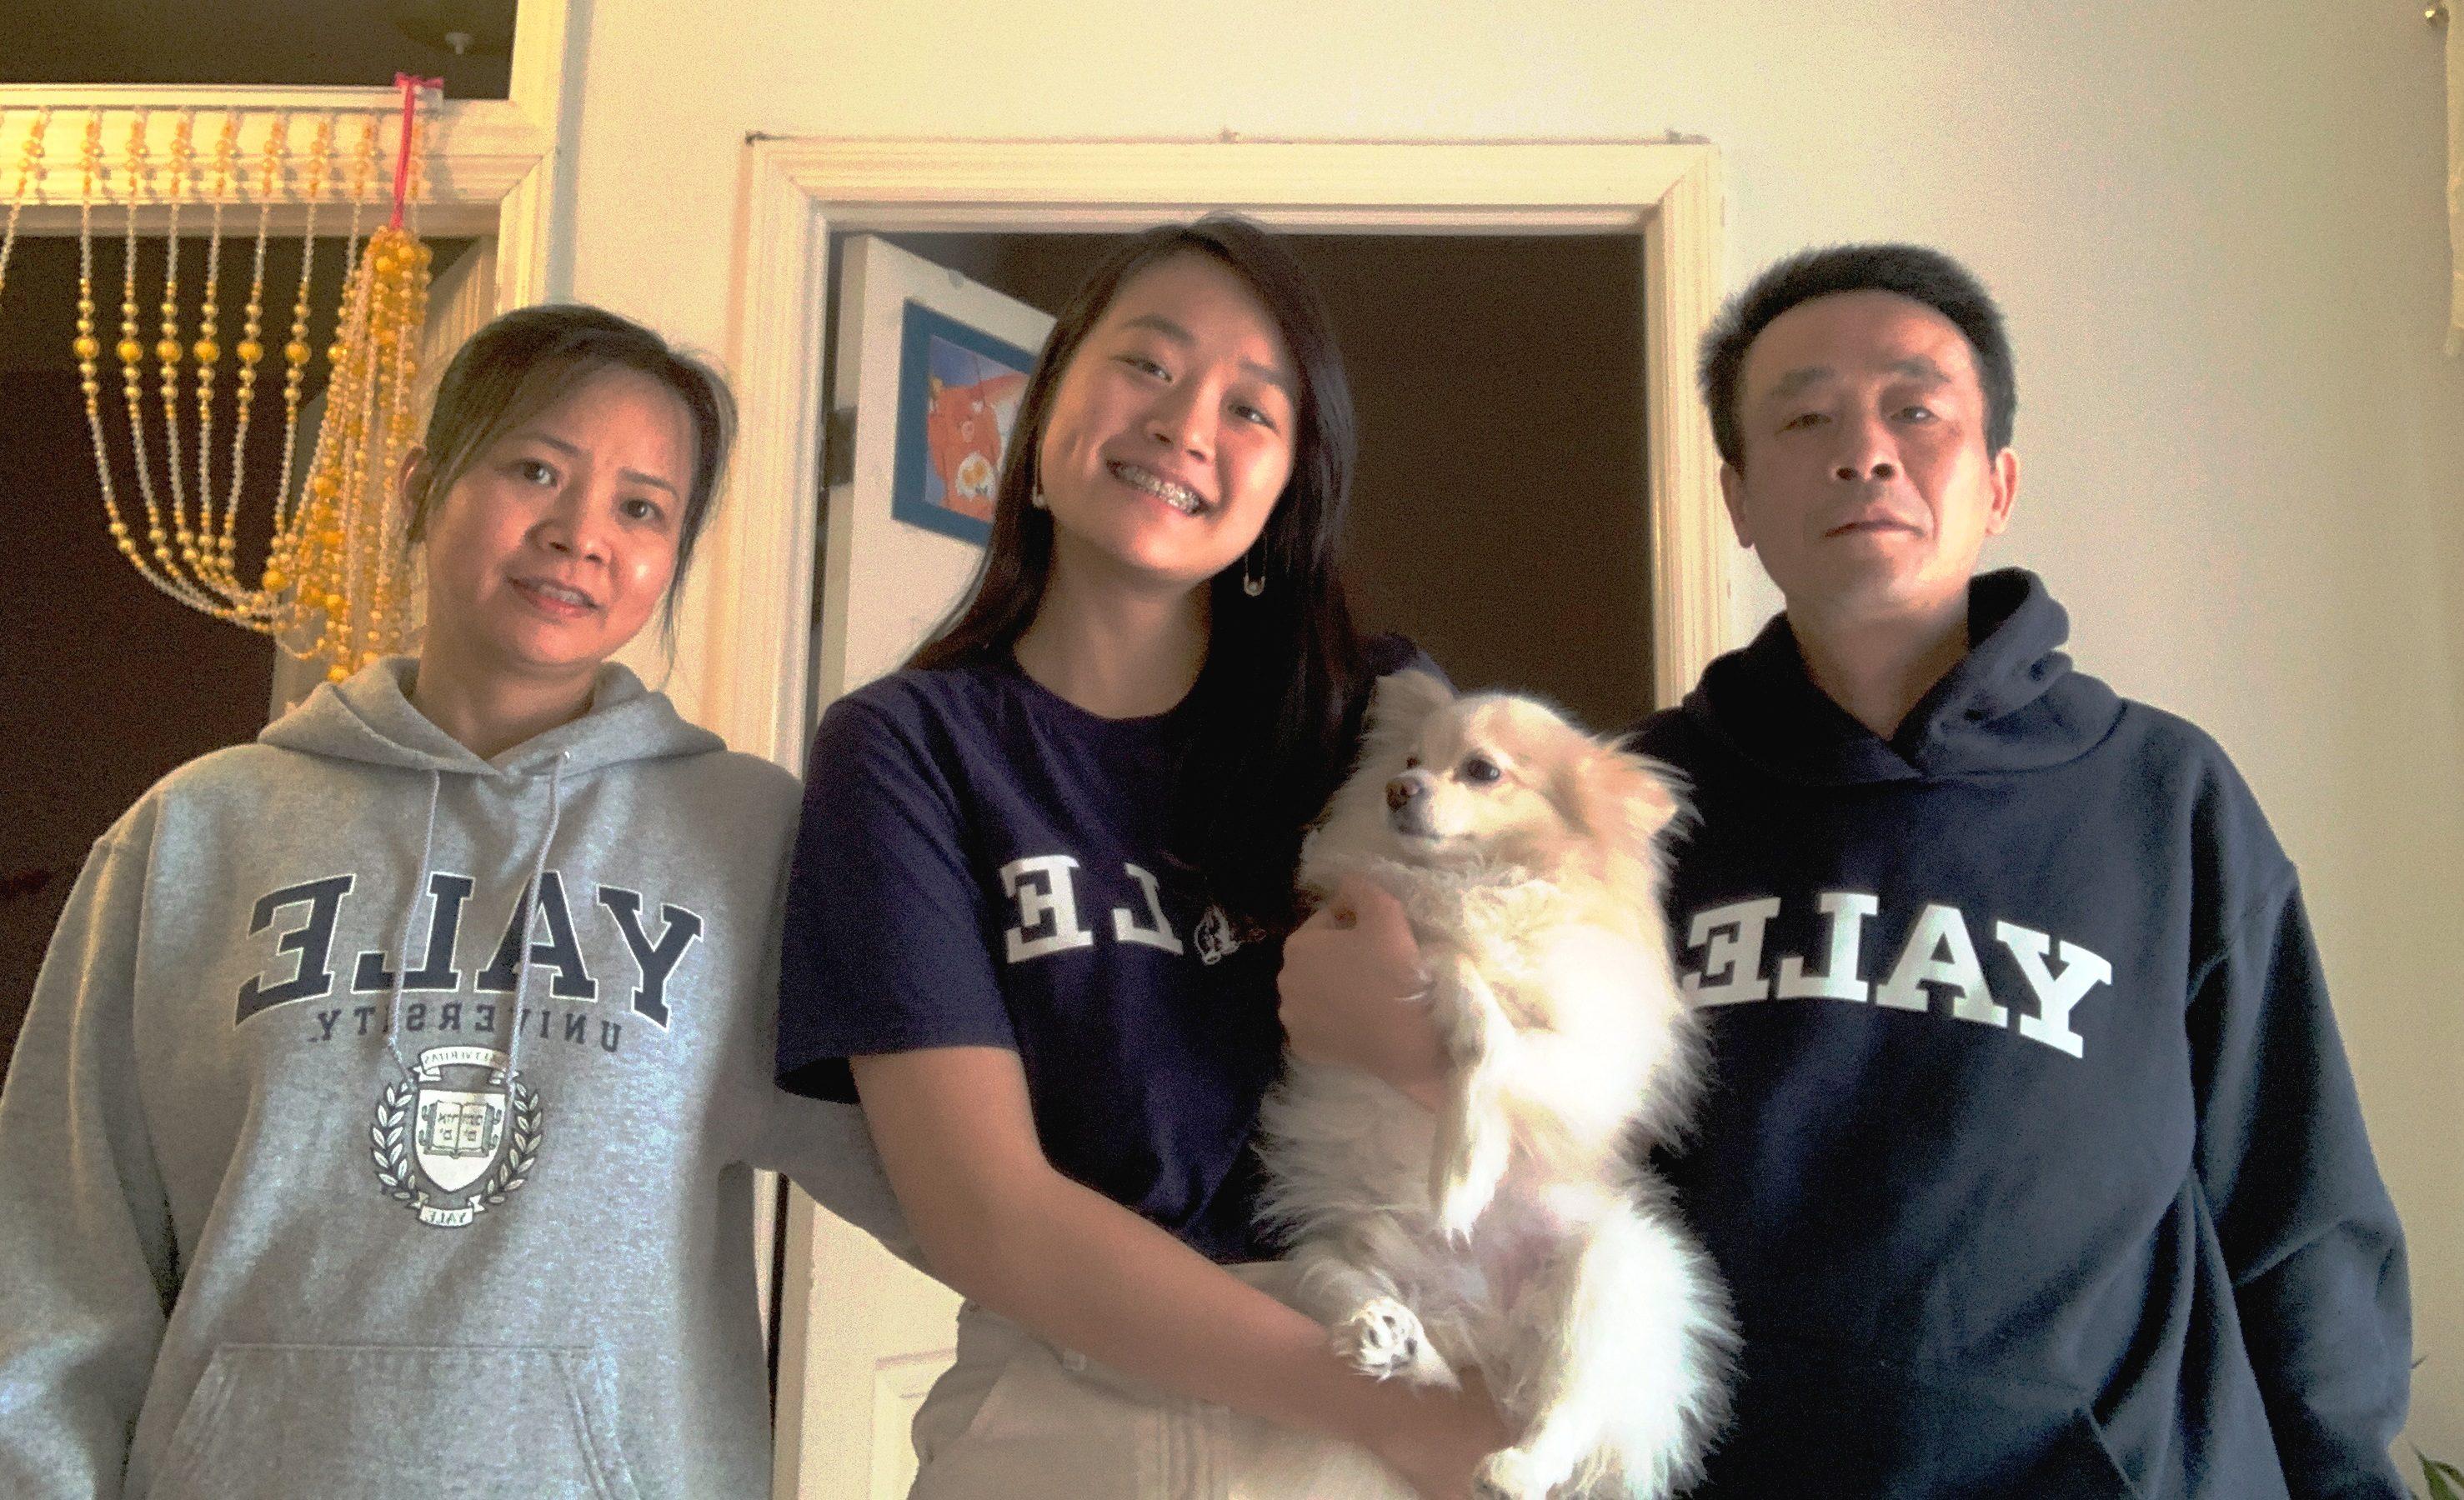 疫情讓陳詩敏的父母雙雙失業,不過這也讓她在上大學之前,擁有更多與家人共處的時間。(陳詩敏/提供)